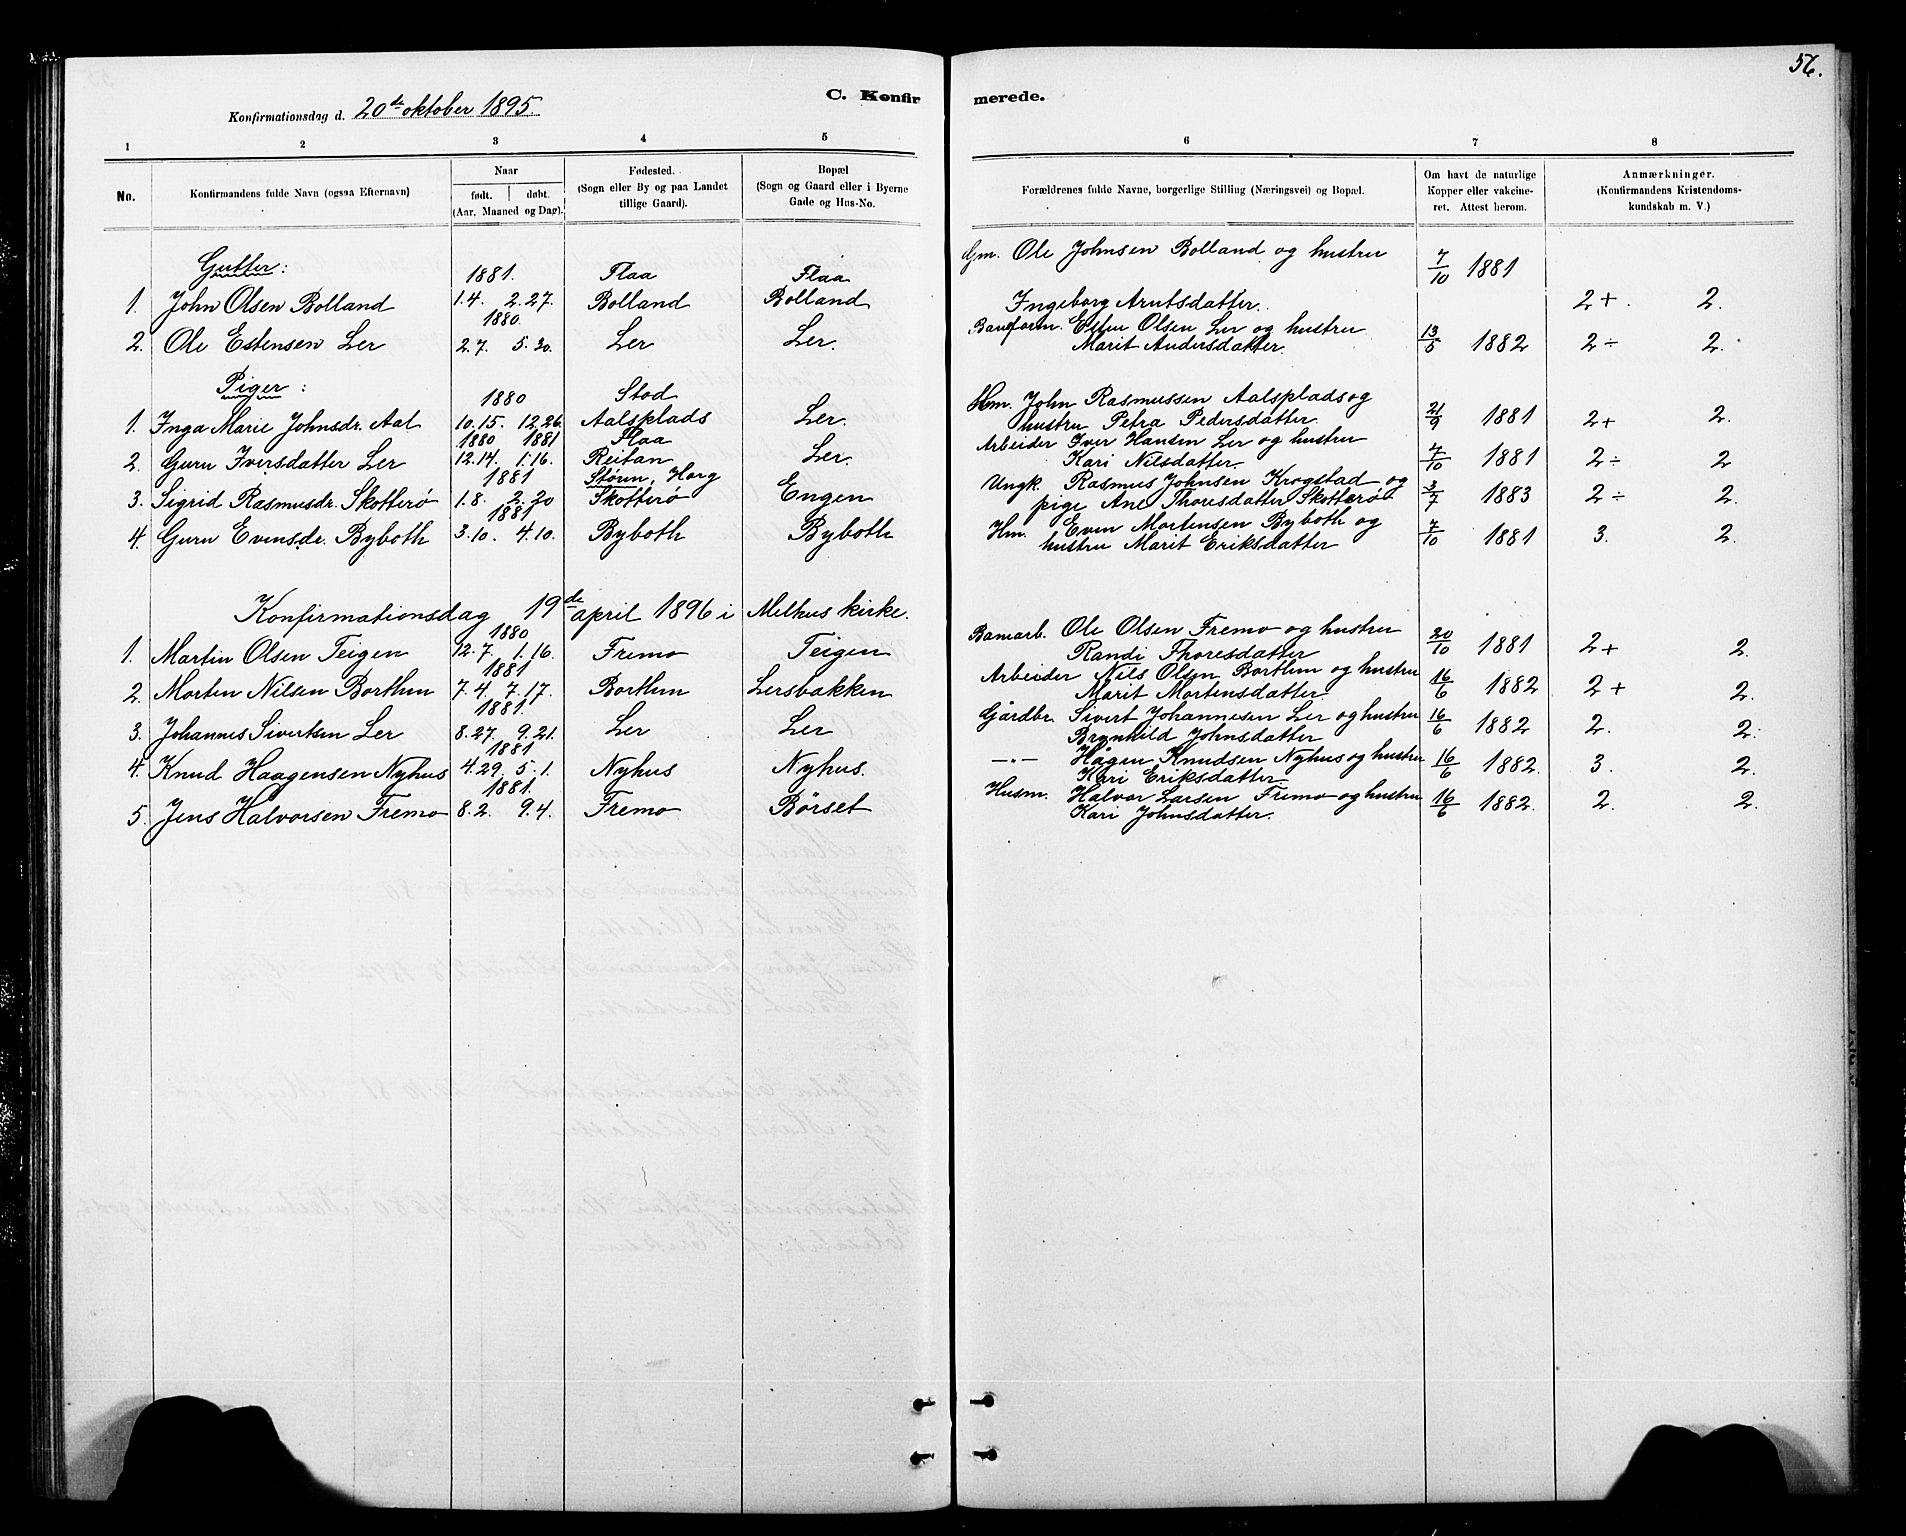 SAT, Ministerialprotokoller, klokkerbøker og fødselsregistre - Sør-Trøndelag, 693/L1123: Klokkerbok nr. 693C04, 1887-1910, s. 56